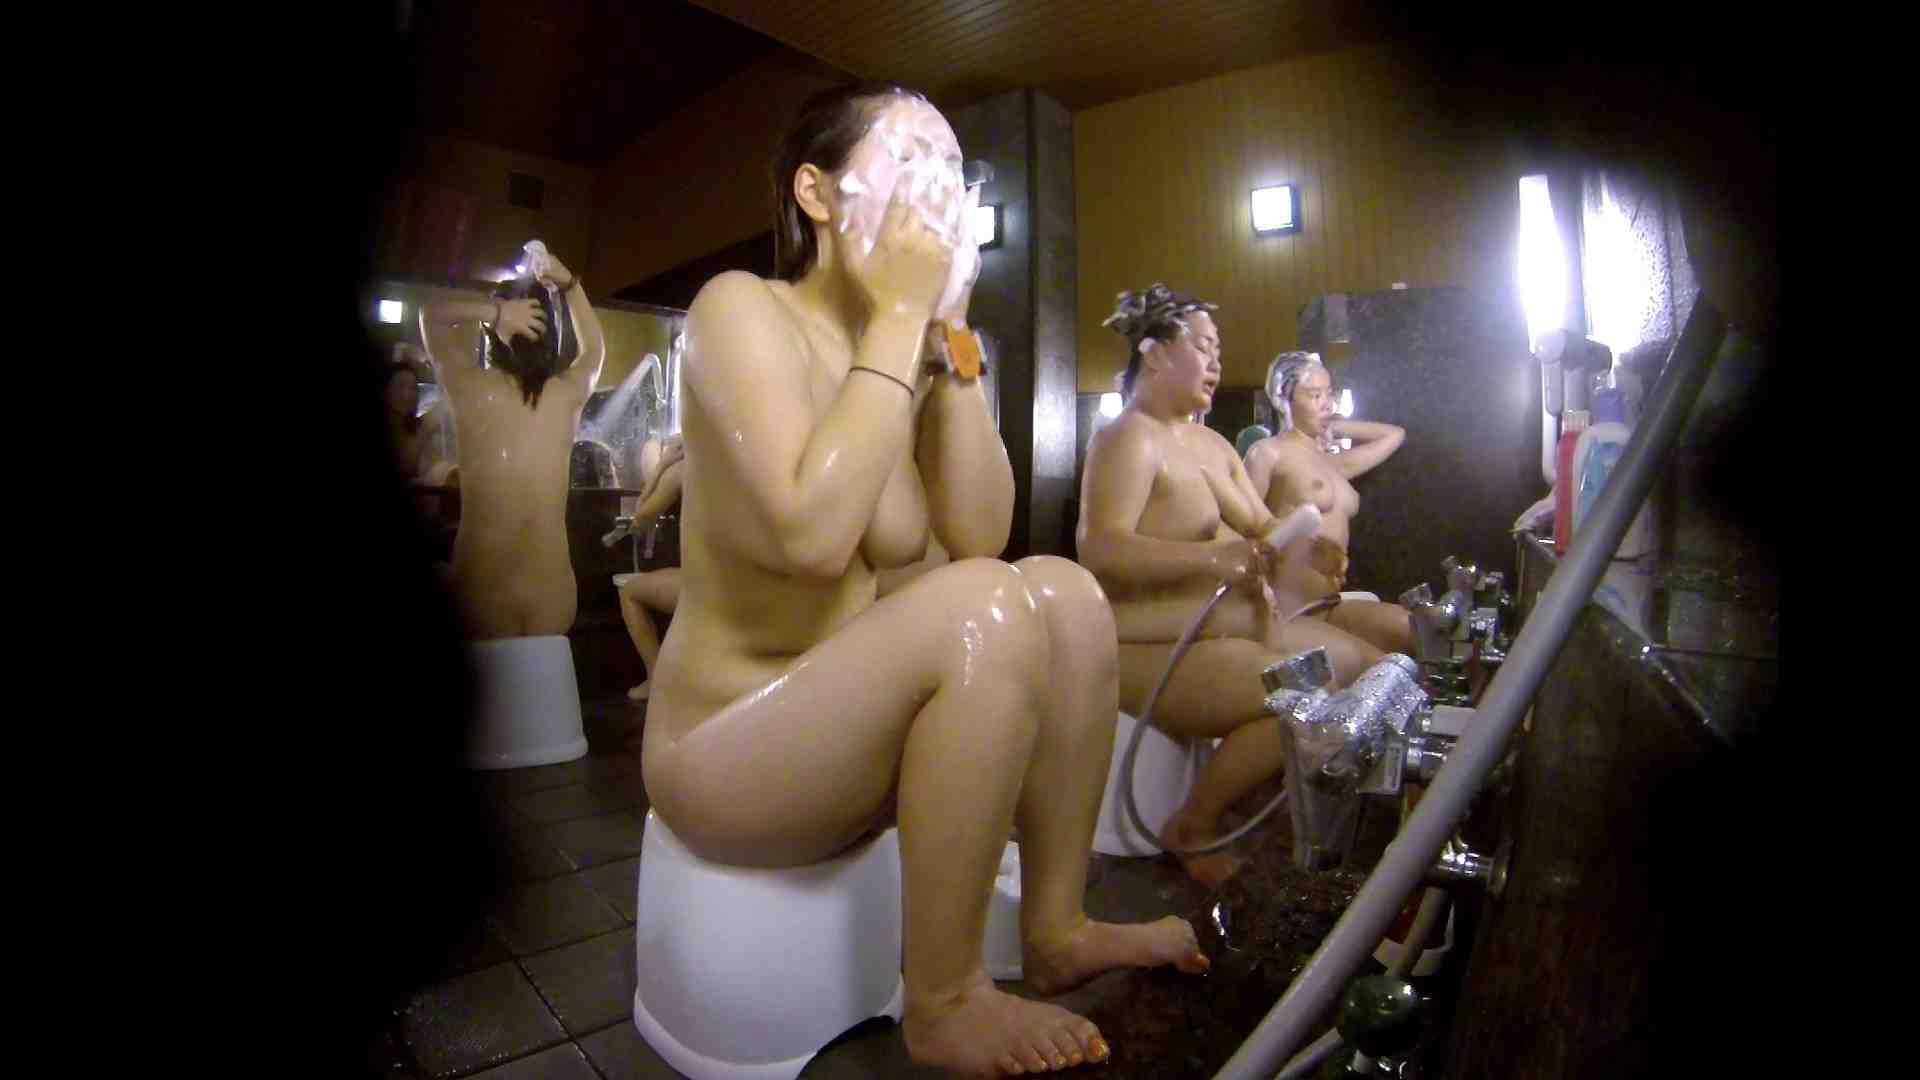 洗い場!色白でなかなかの美巨乳。柔らかく揺れまくりです 銭湯事情 性交動画流出 94枚 78